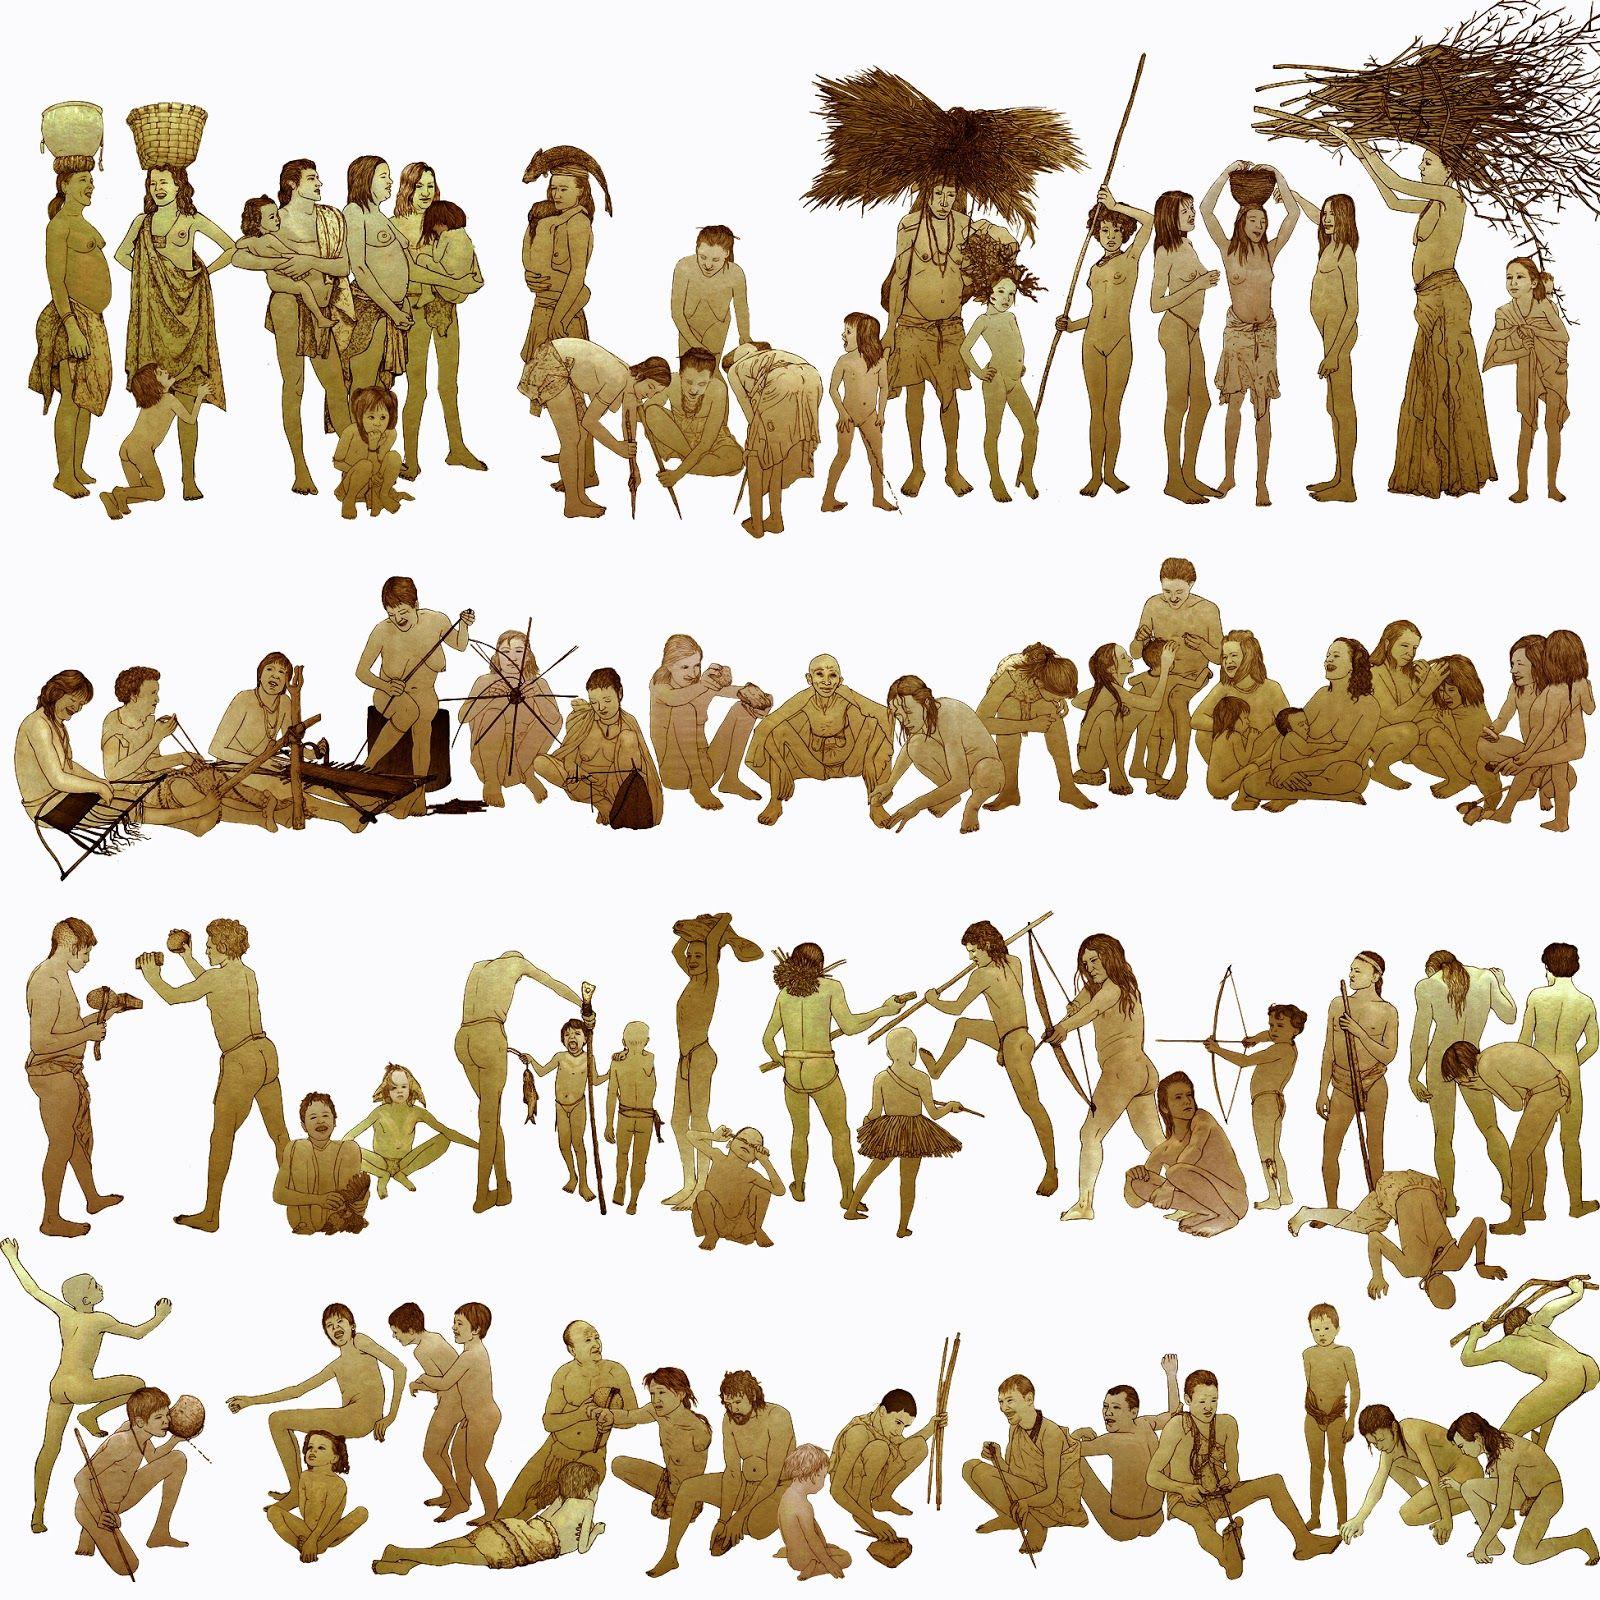 Elnte Del Tiempo La Mirada Etnologica Prehistoria Grupo Humano